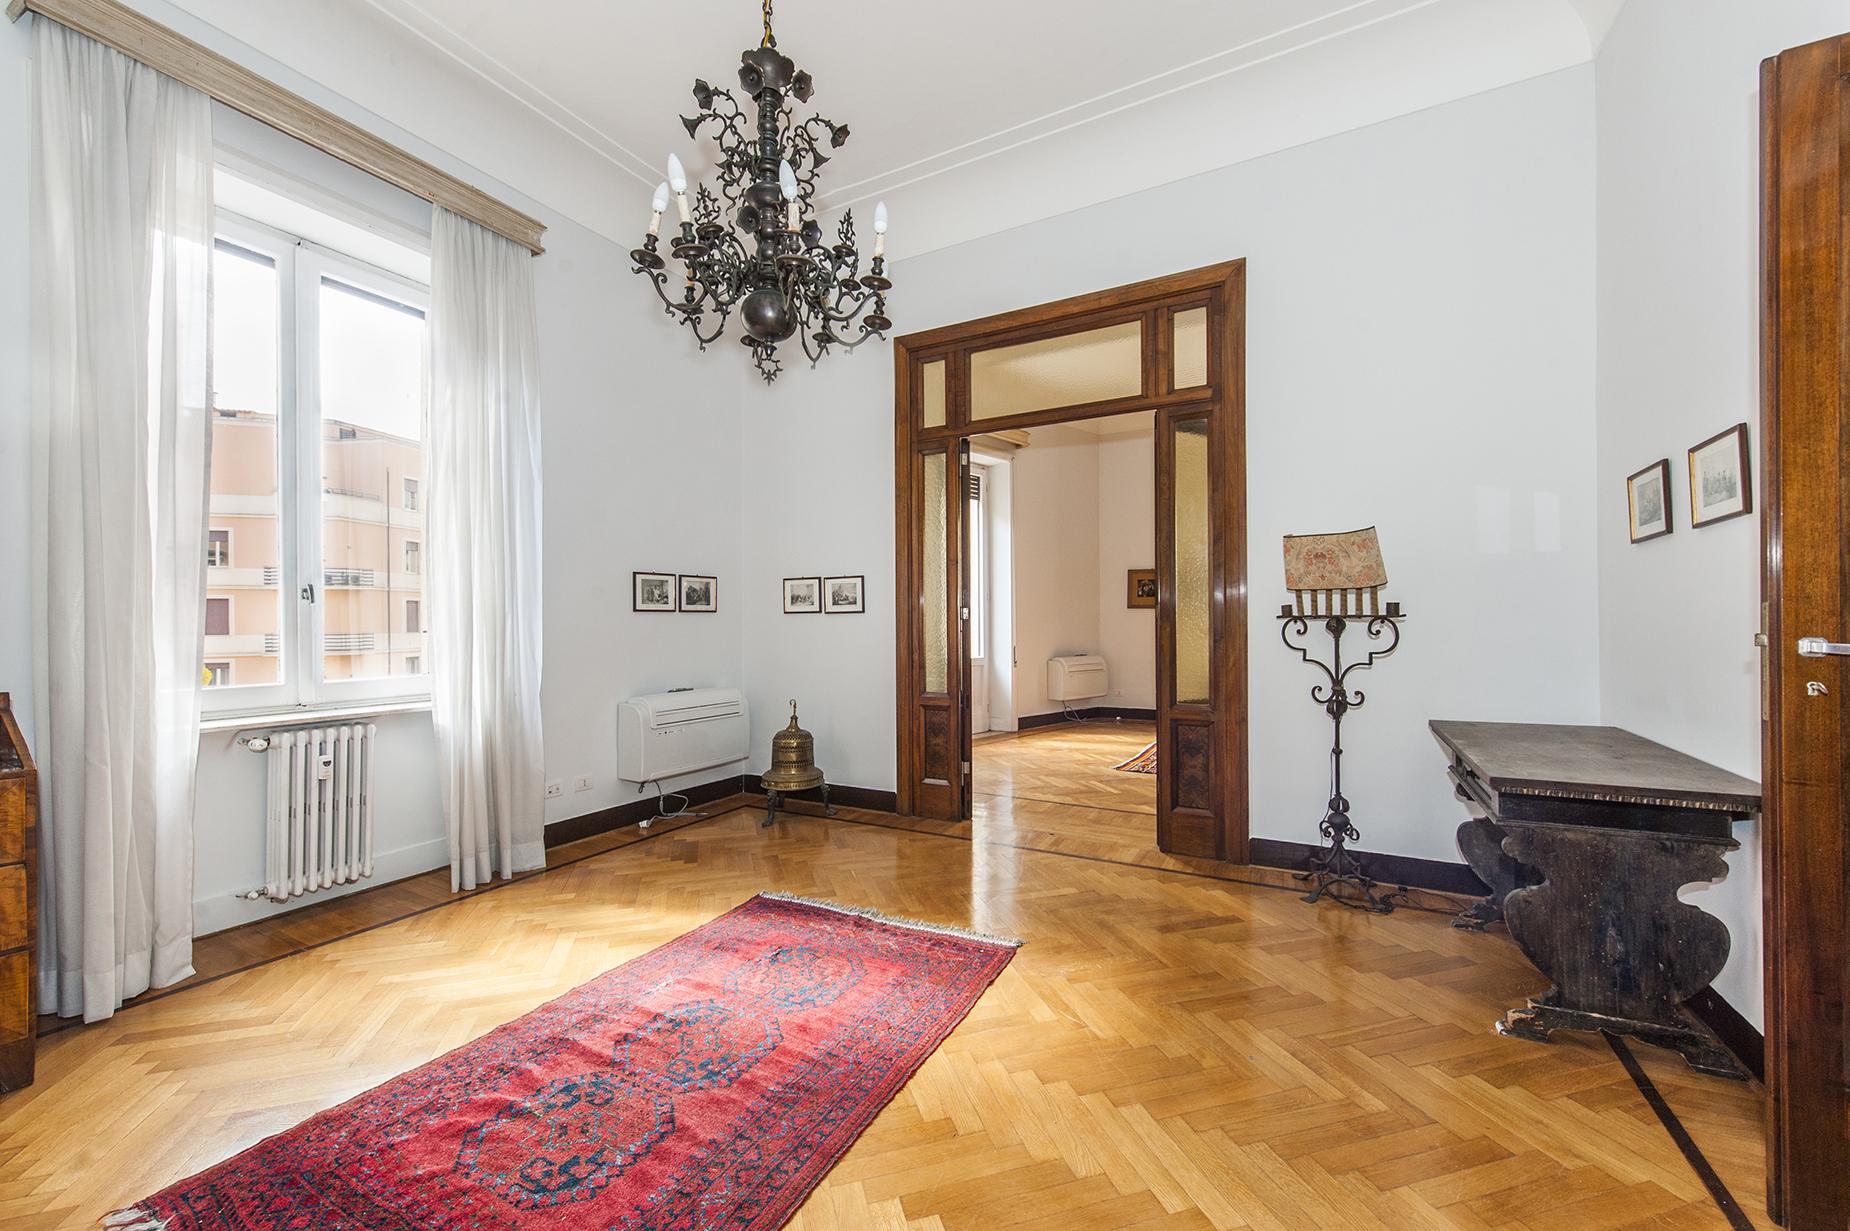 公寓 為 出售 在 Apartment ideal for entertaining close to Piazza Ungheria Via Lima Rome, 羅馬, 00198 義大利